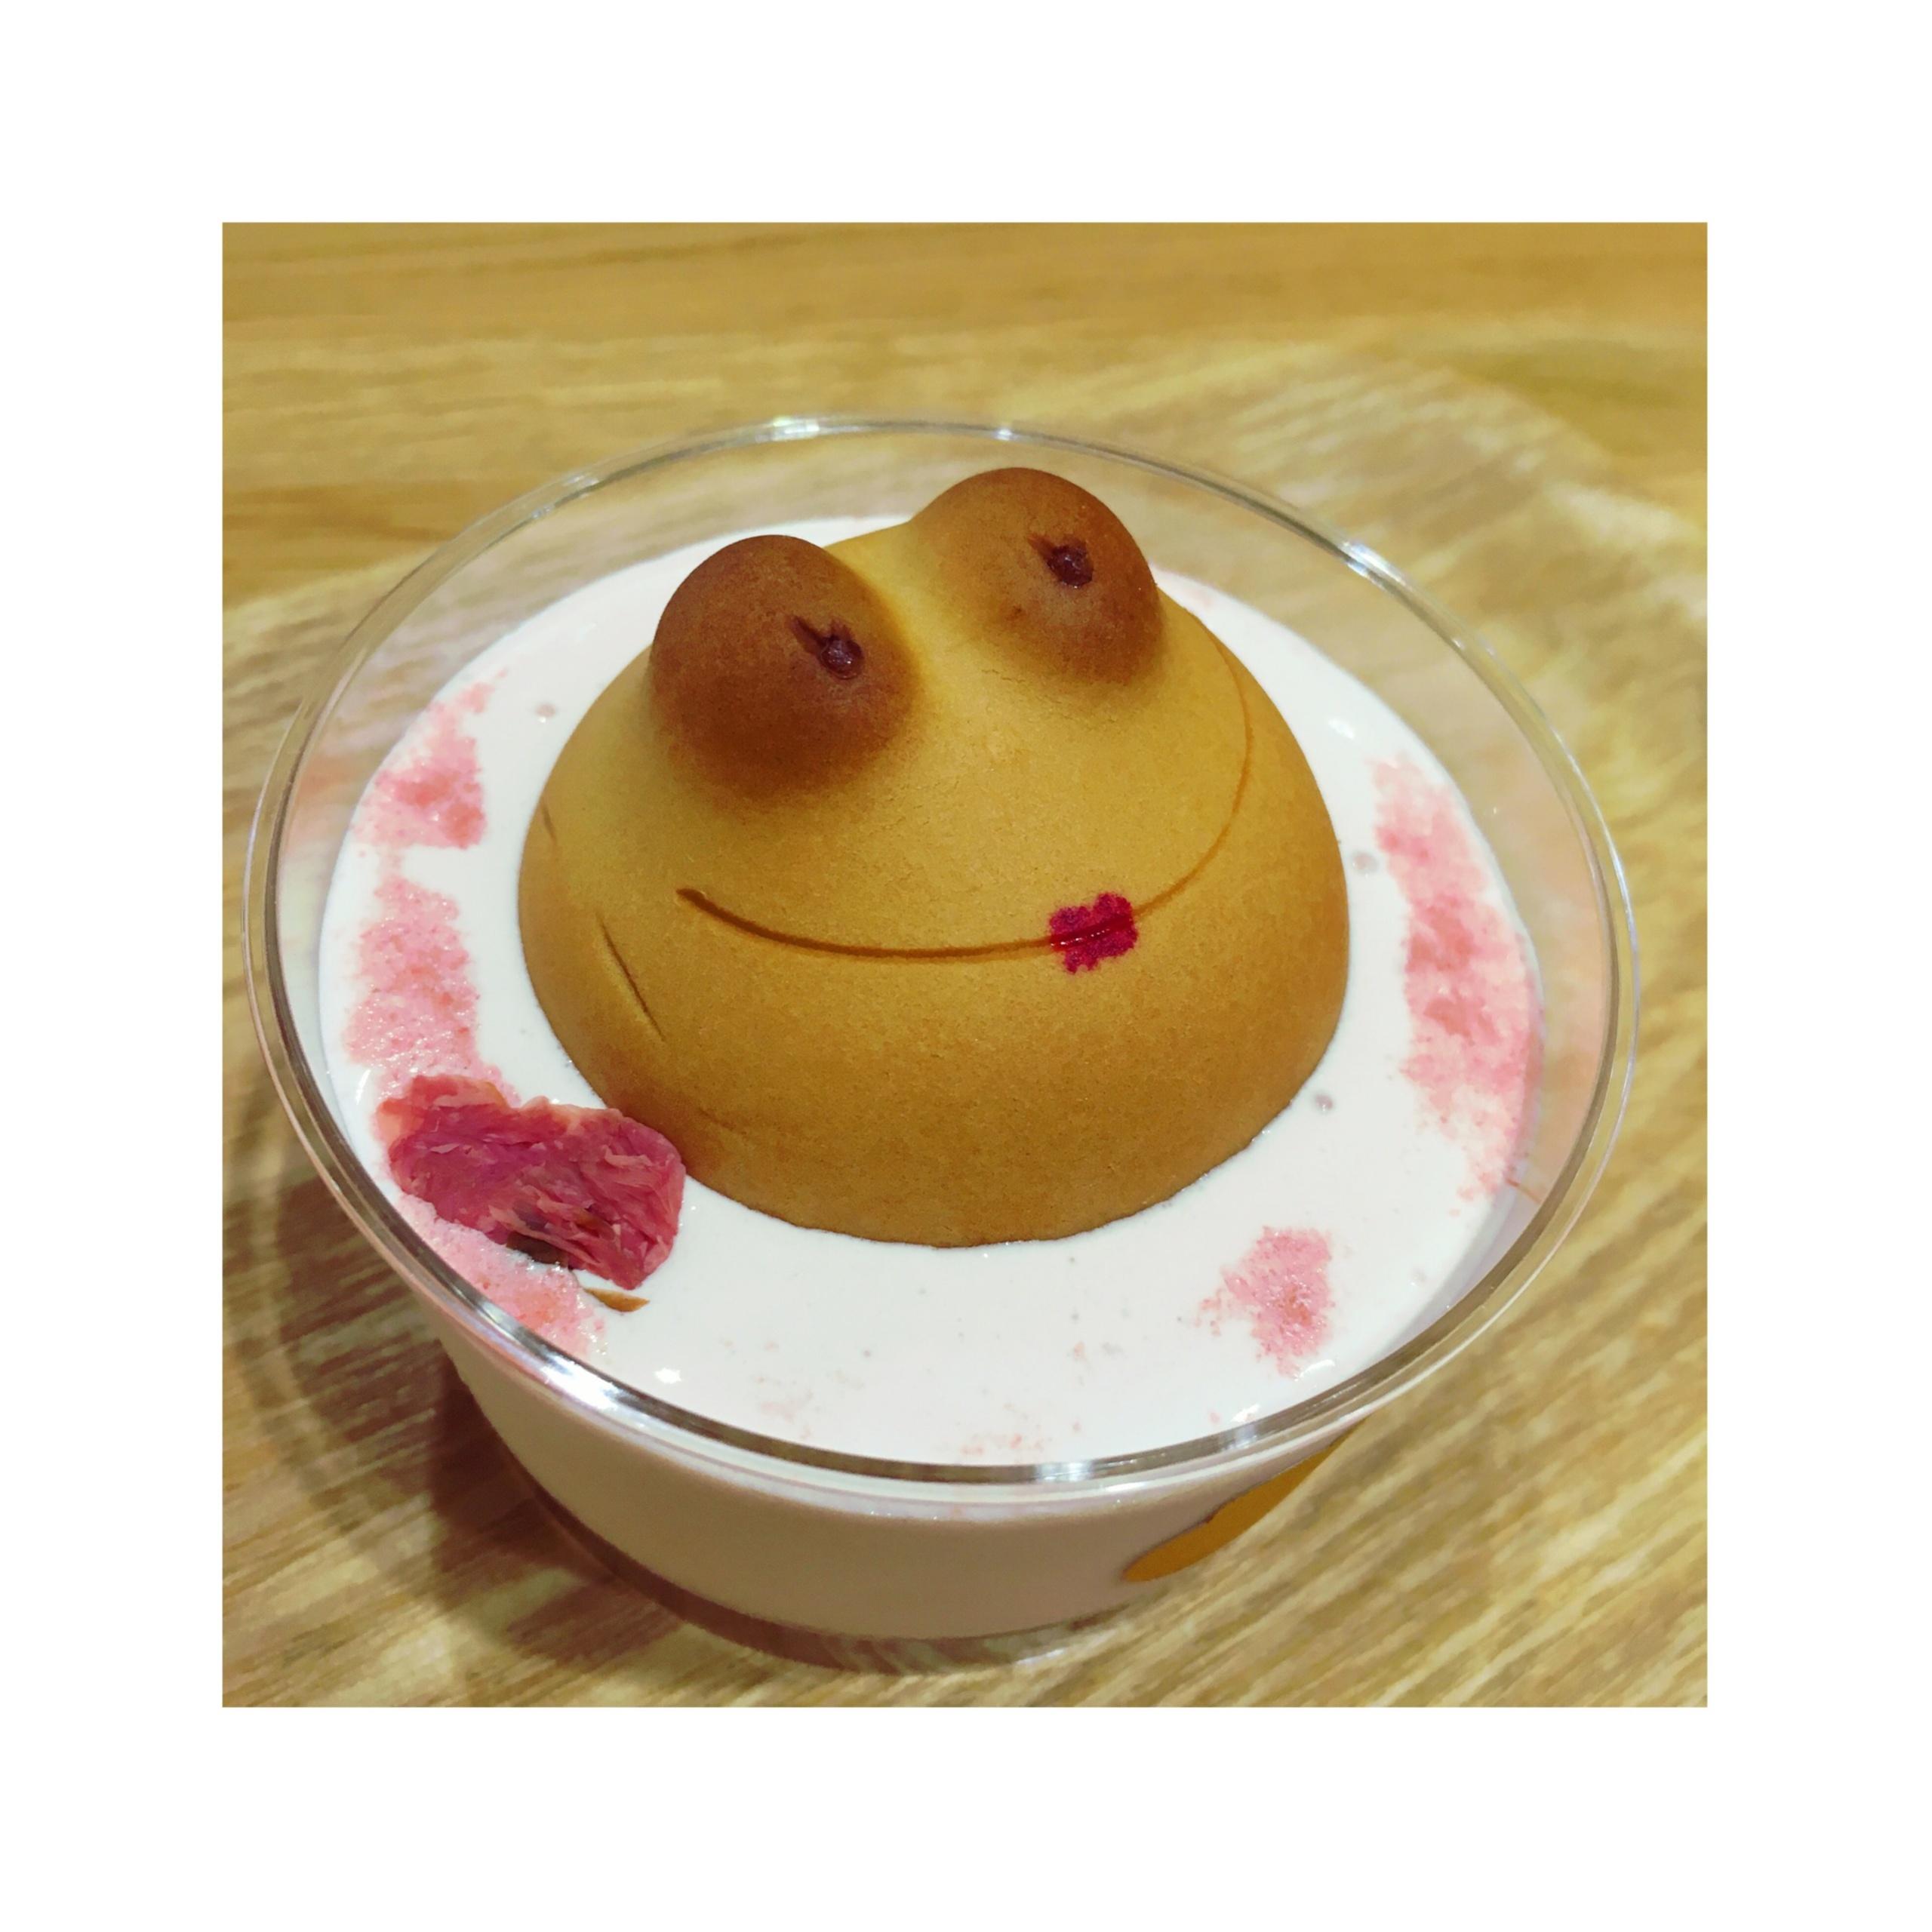 《ご当地MORE★愛知》季節限定!名古屋駅KITTEで食べられる【カエルのさくら風呂】が可愛すぎるっ❤️_4